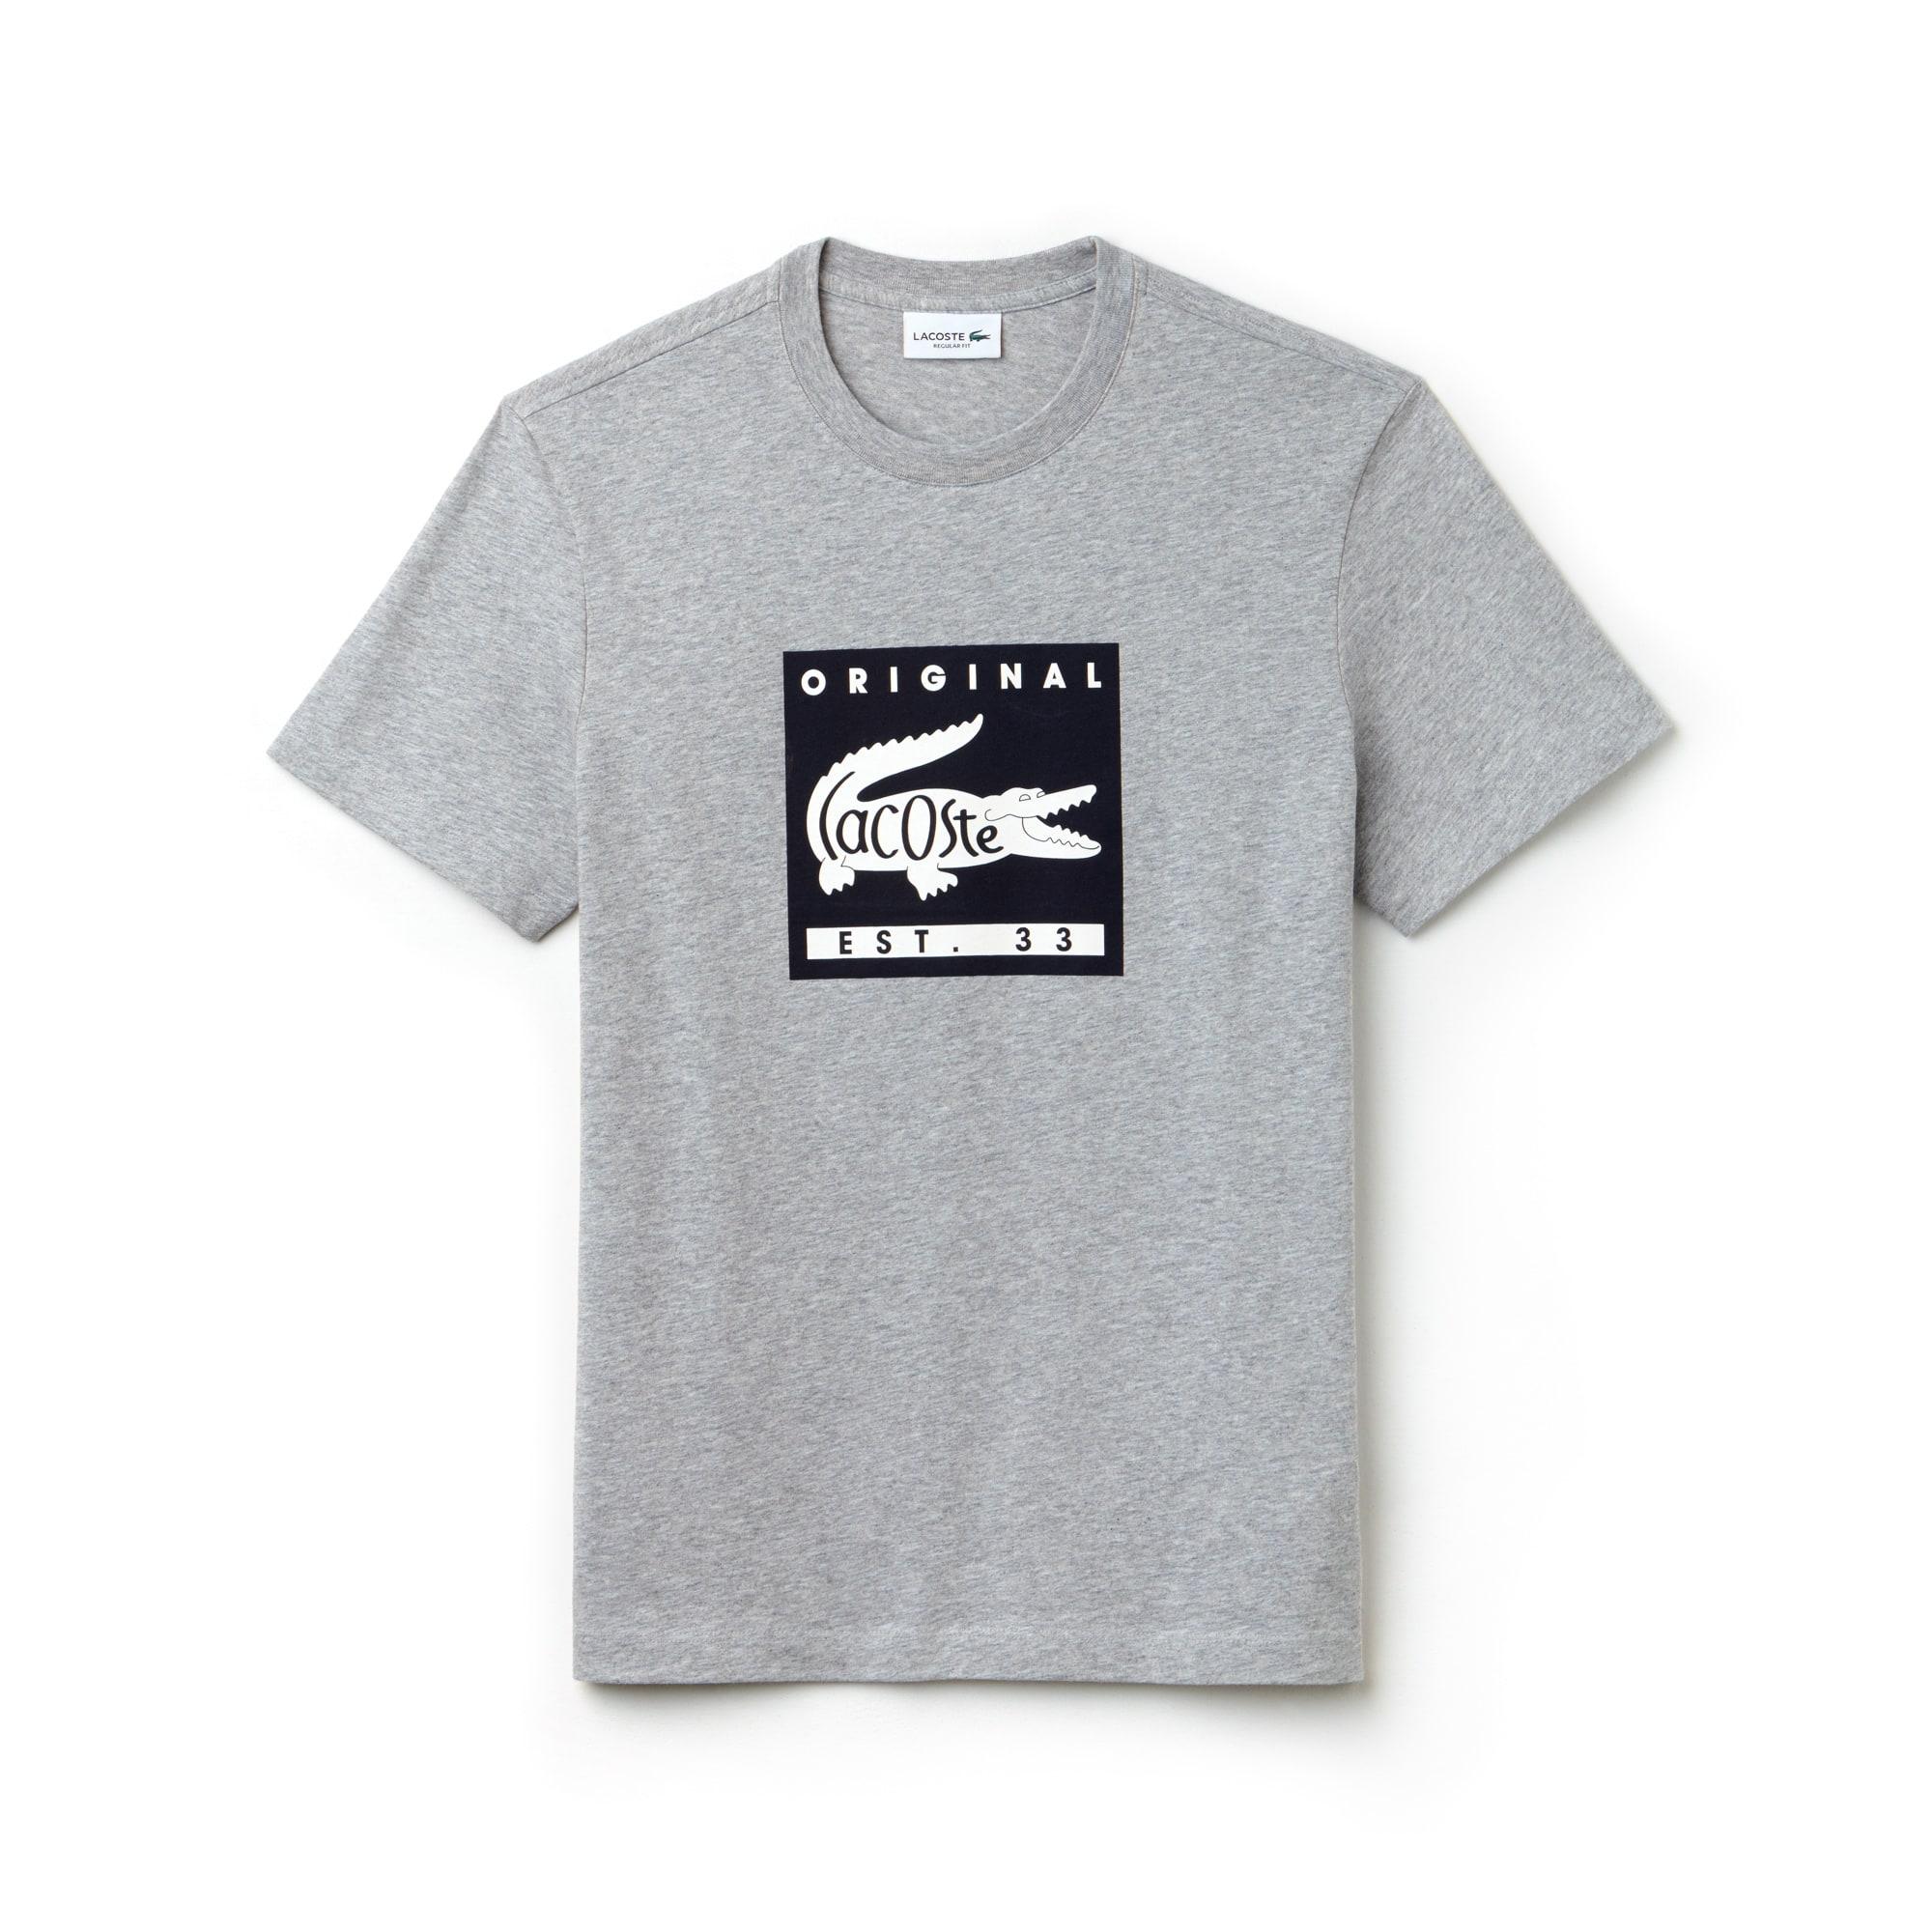 ... T-shirt col rond en jersey avec marquage Lacoste Original 5638a8ee90